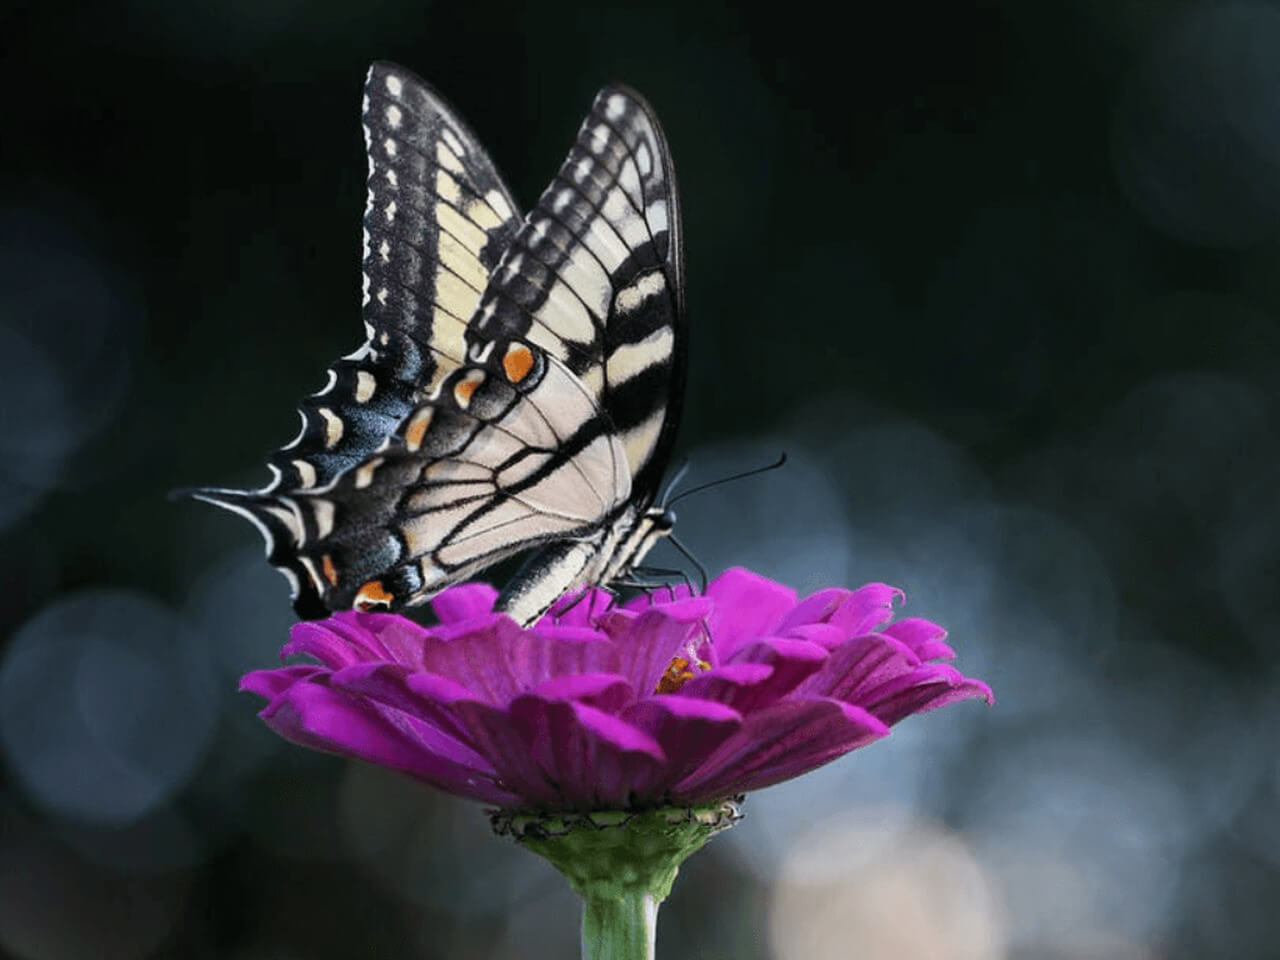 motyl na fioletowym kwiatku